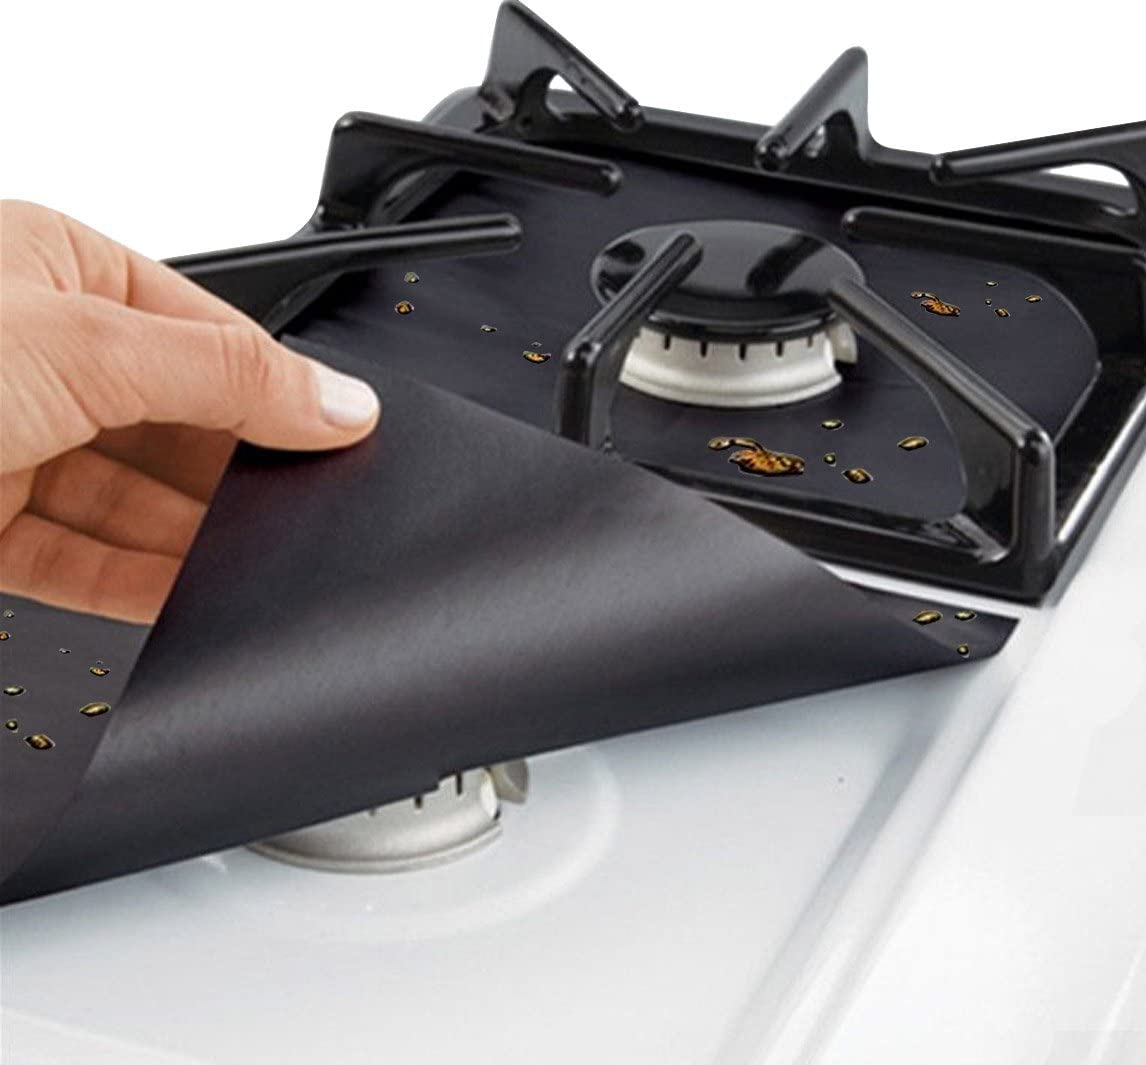 Cubiertas para Quemador de Estufa de Gas Limpia Protector de la Estufa Hoja de 0.2 mm Doble Espesor, Estufa de Gas Reutilizable Protectores 4 Unids